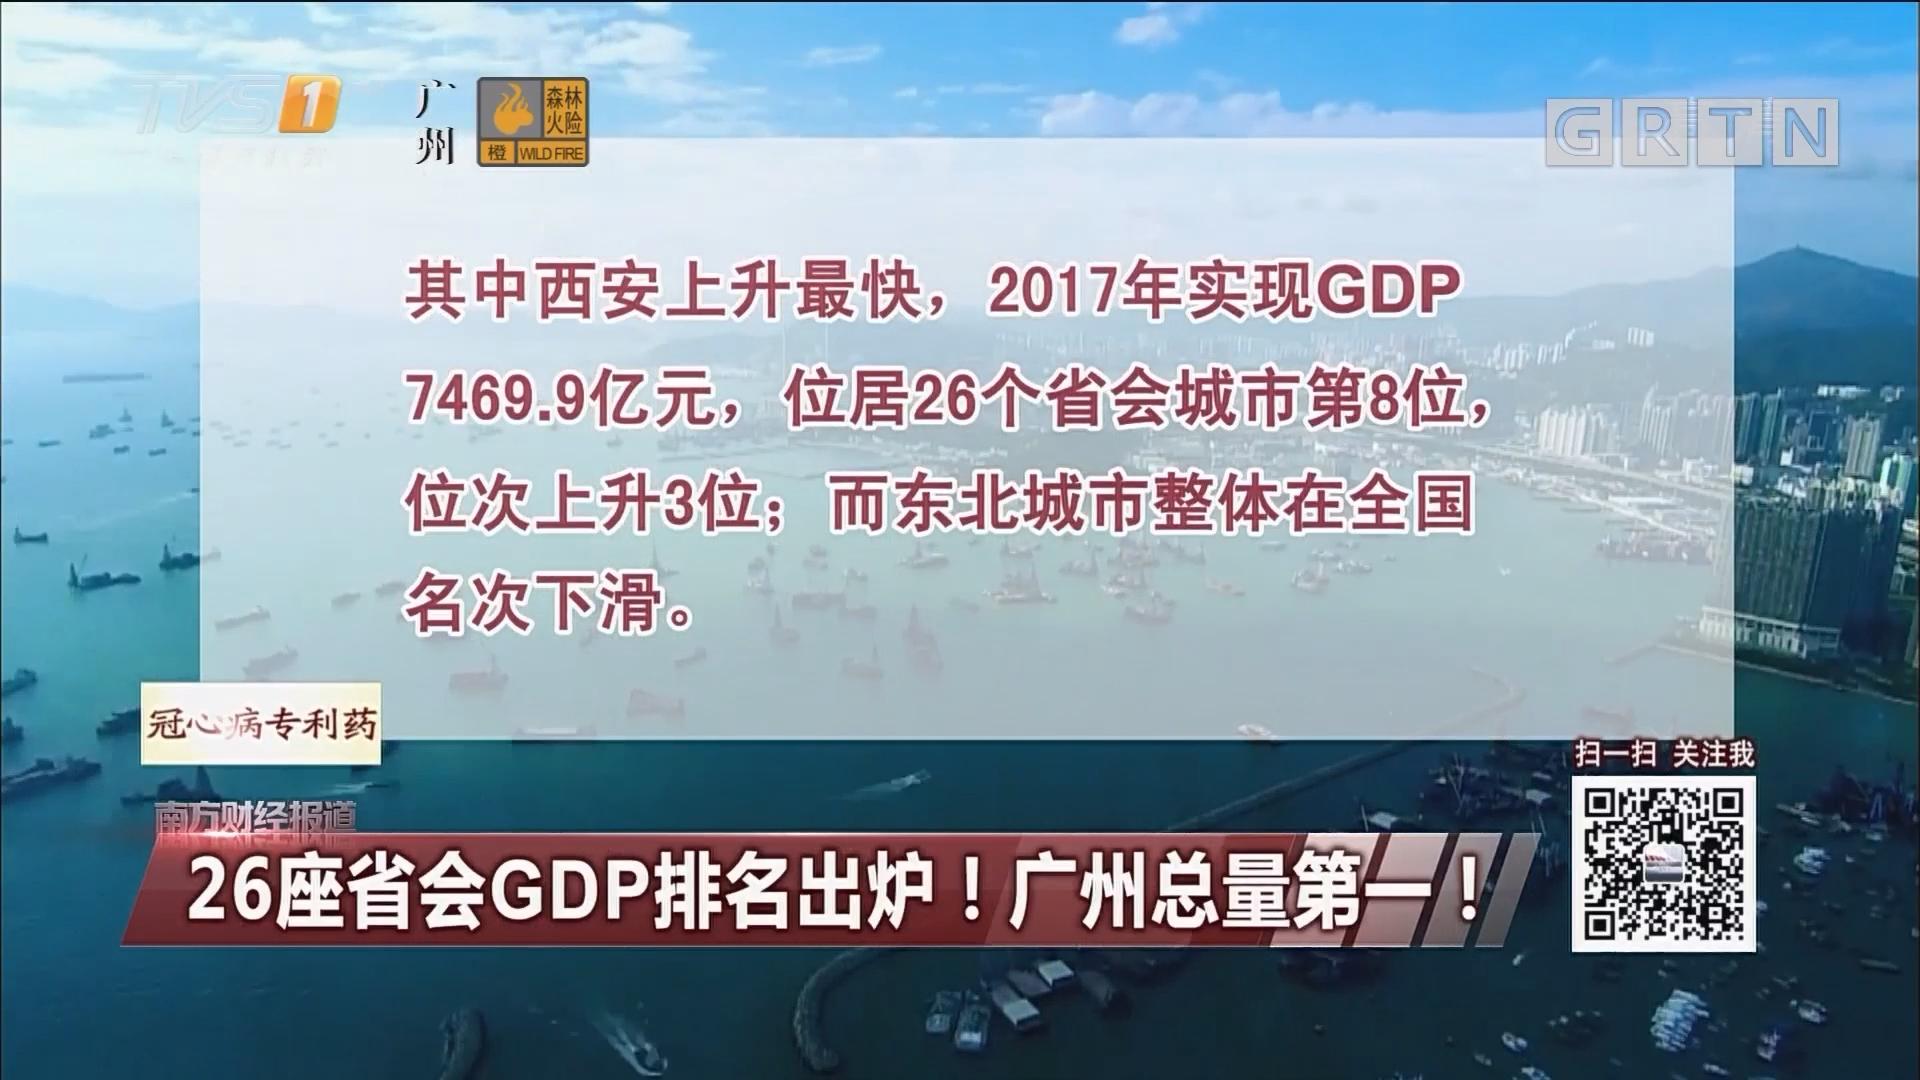 26座省会GDP排名出炉!广州总量第一!